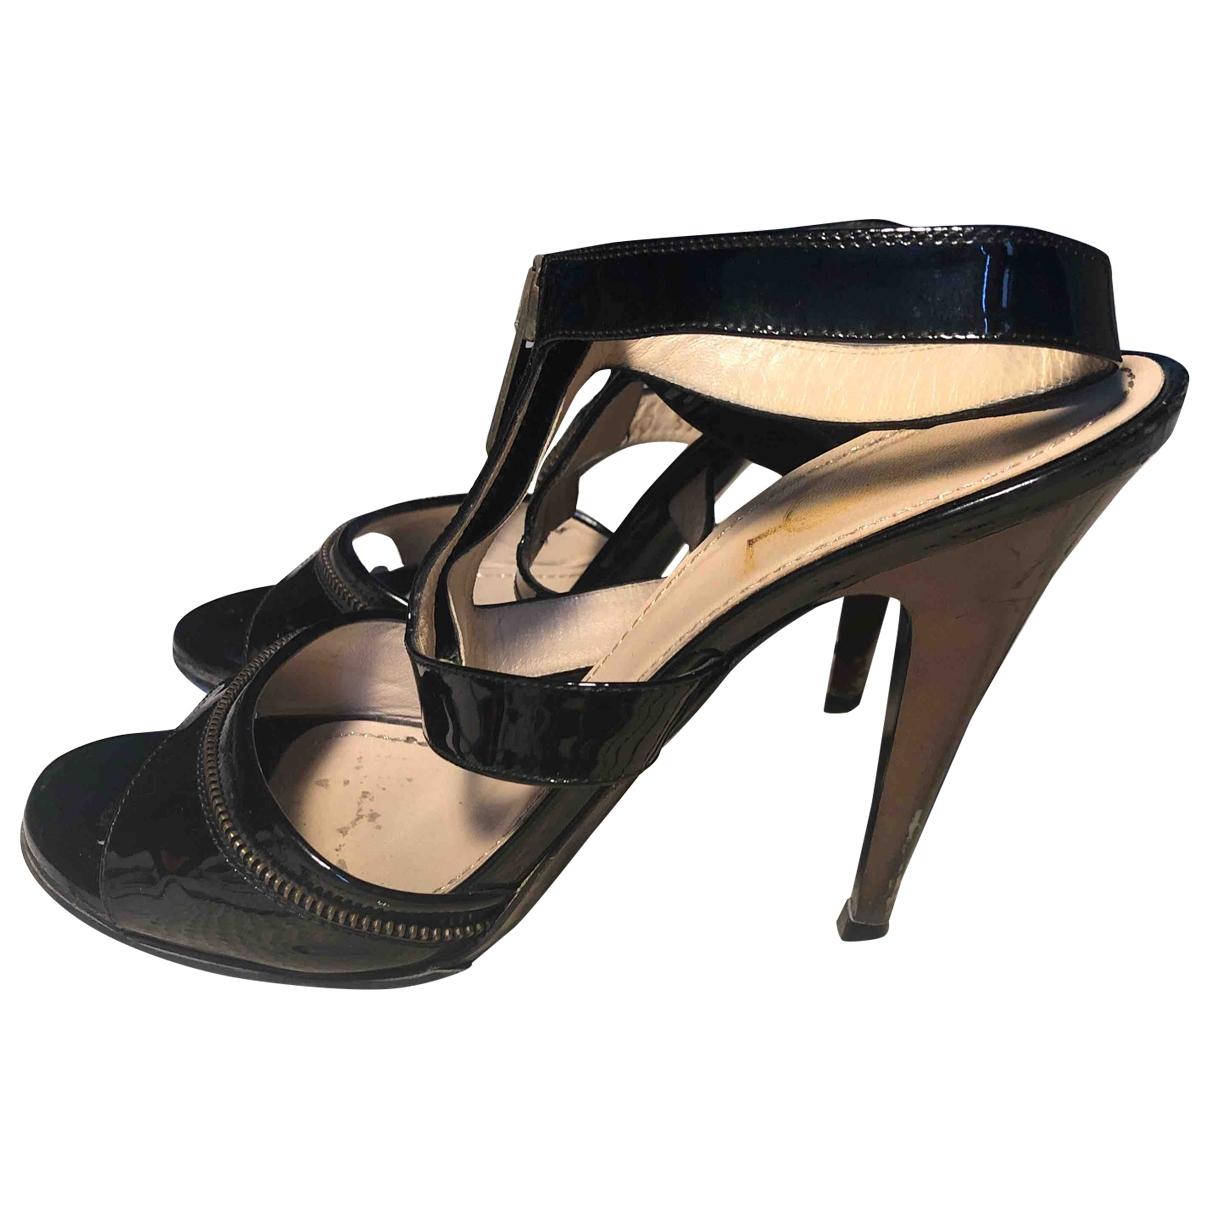 Yves Saint Laurent - Sandales   pour femme en cuir verni - noir